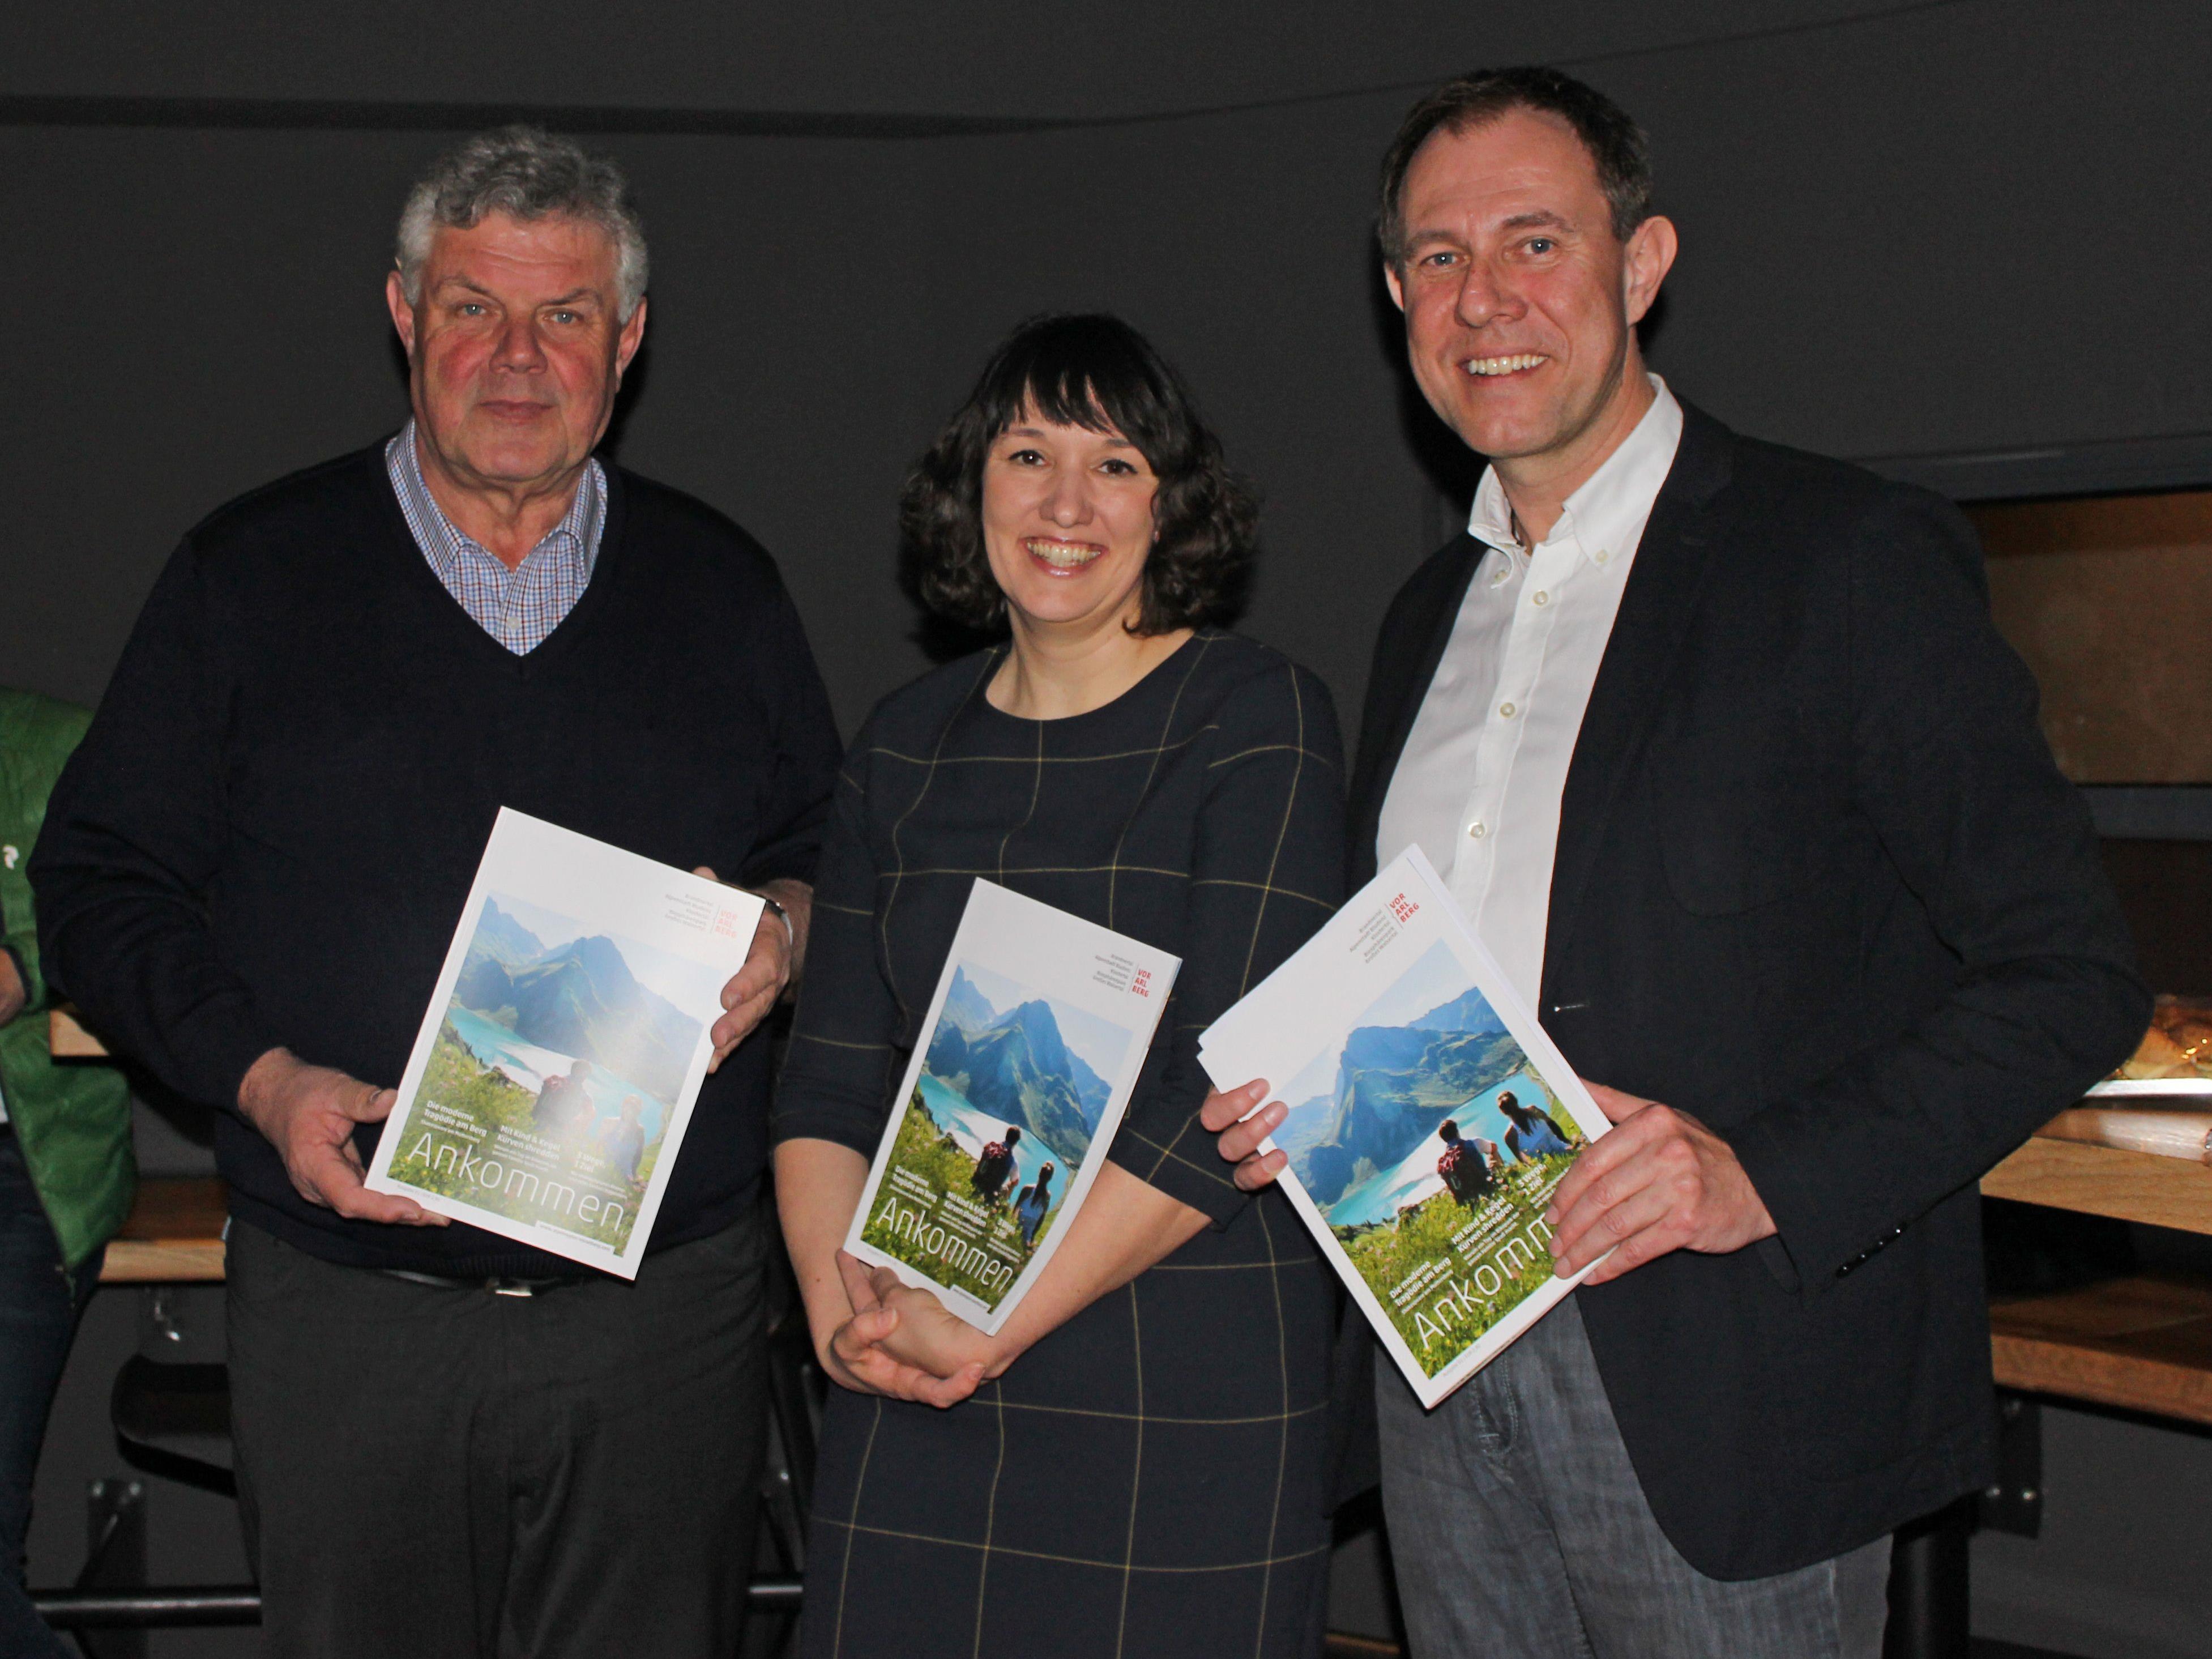 Waren stolz, die neue Zeitschrift den anwesenden Gästen zu präsentieren: Mandi Katzenmayer, Kerstin Biedermann-Smith und Christian Schützinger (v.l.)